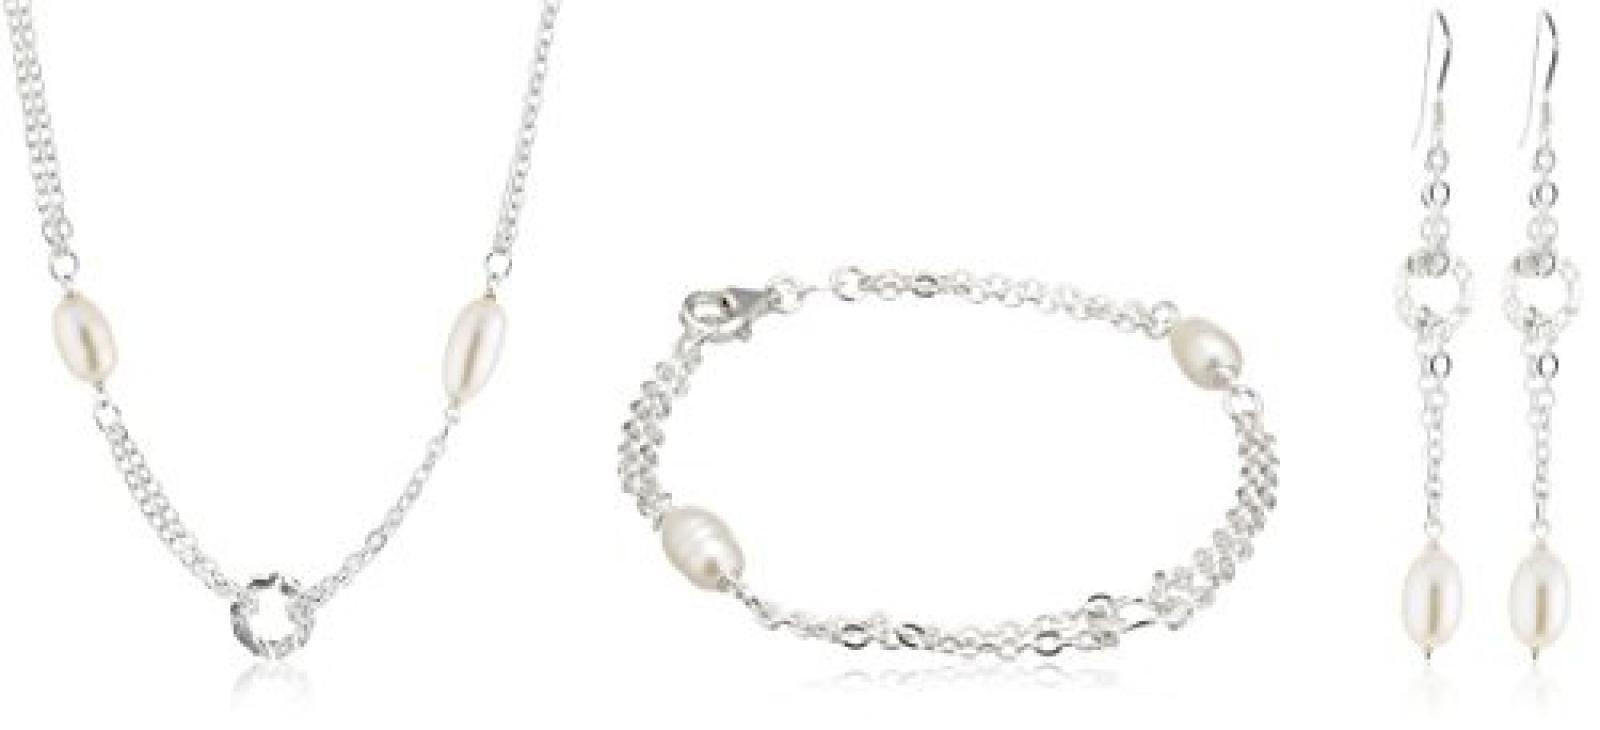 ZEEme Pearls 3 teiliges Set bestehend aus einem 41cm langem Collier und einem 19cm langem Armband und dazu passenden Ohrhaken 301200011